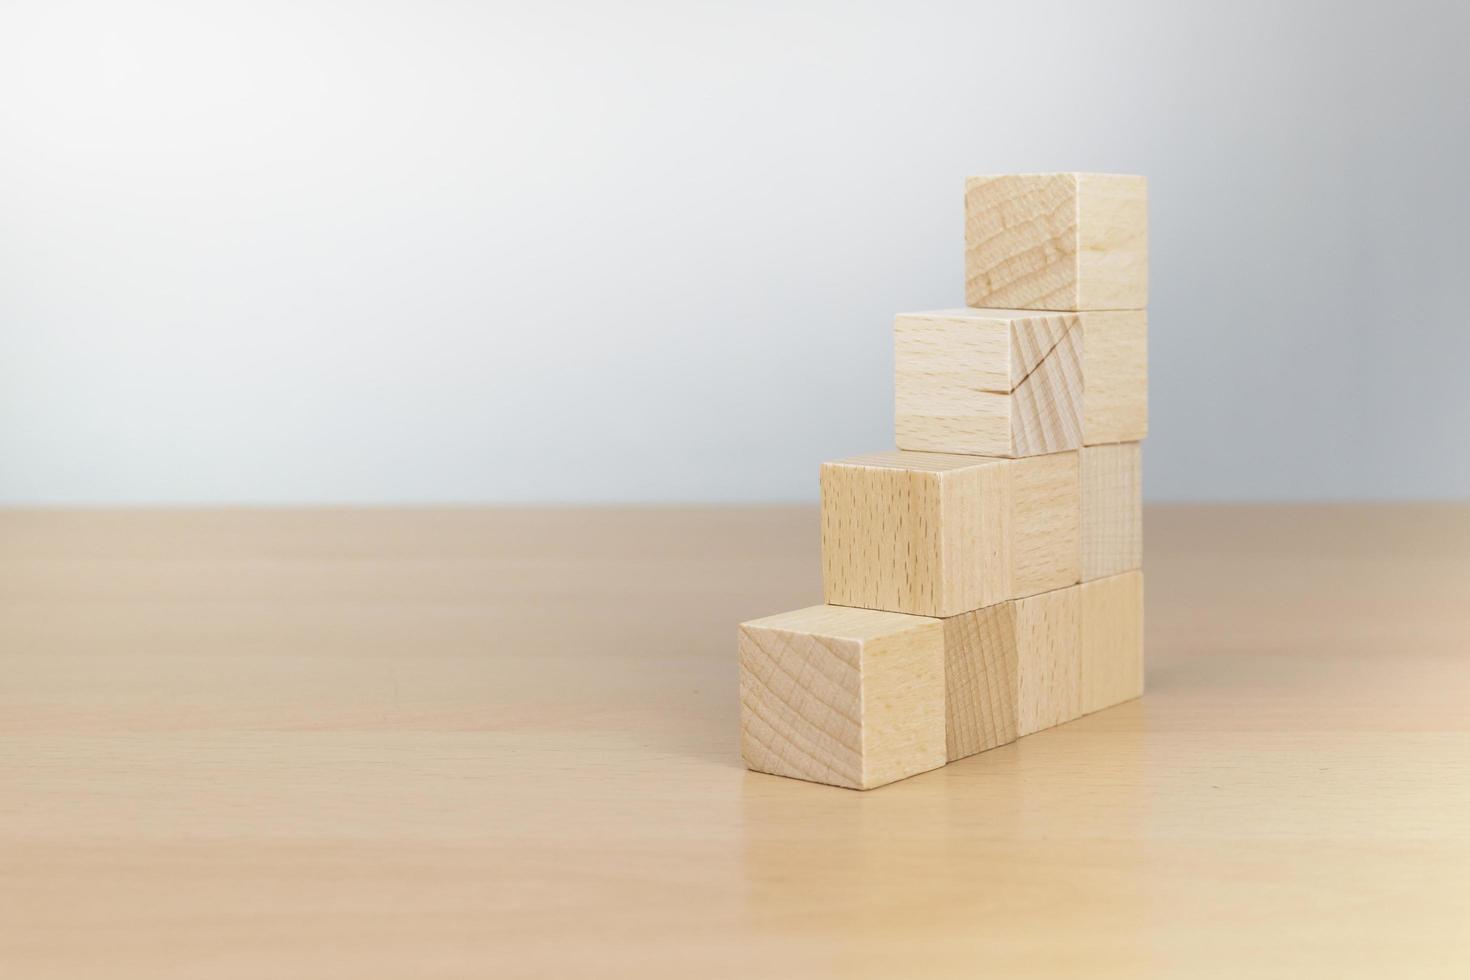 met de hand schikken van houten blok stapelen als opstap op houten tafel foto